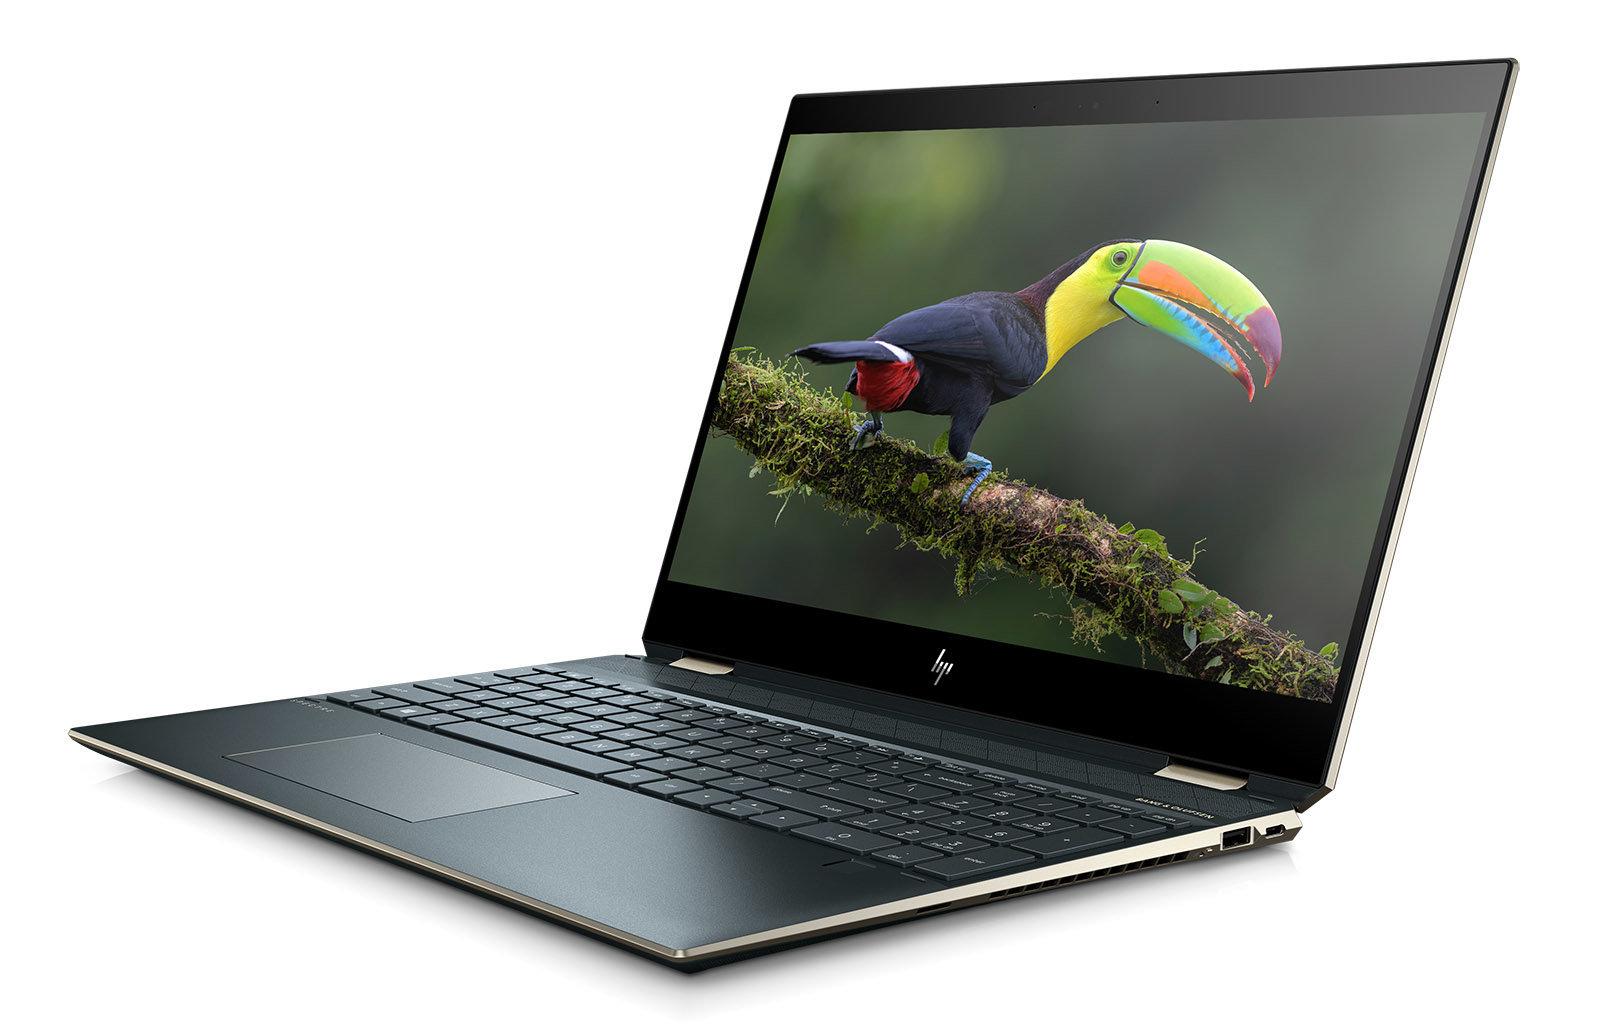 لپ تاپ Spectre x360 اچ پی به نمایشگر AMOLED مجهز شد